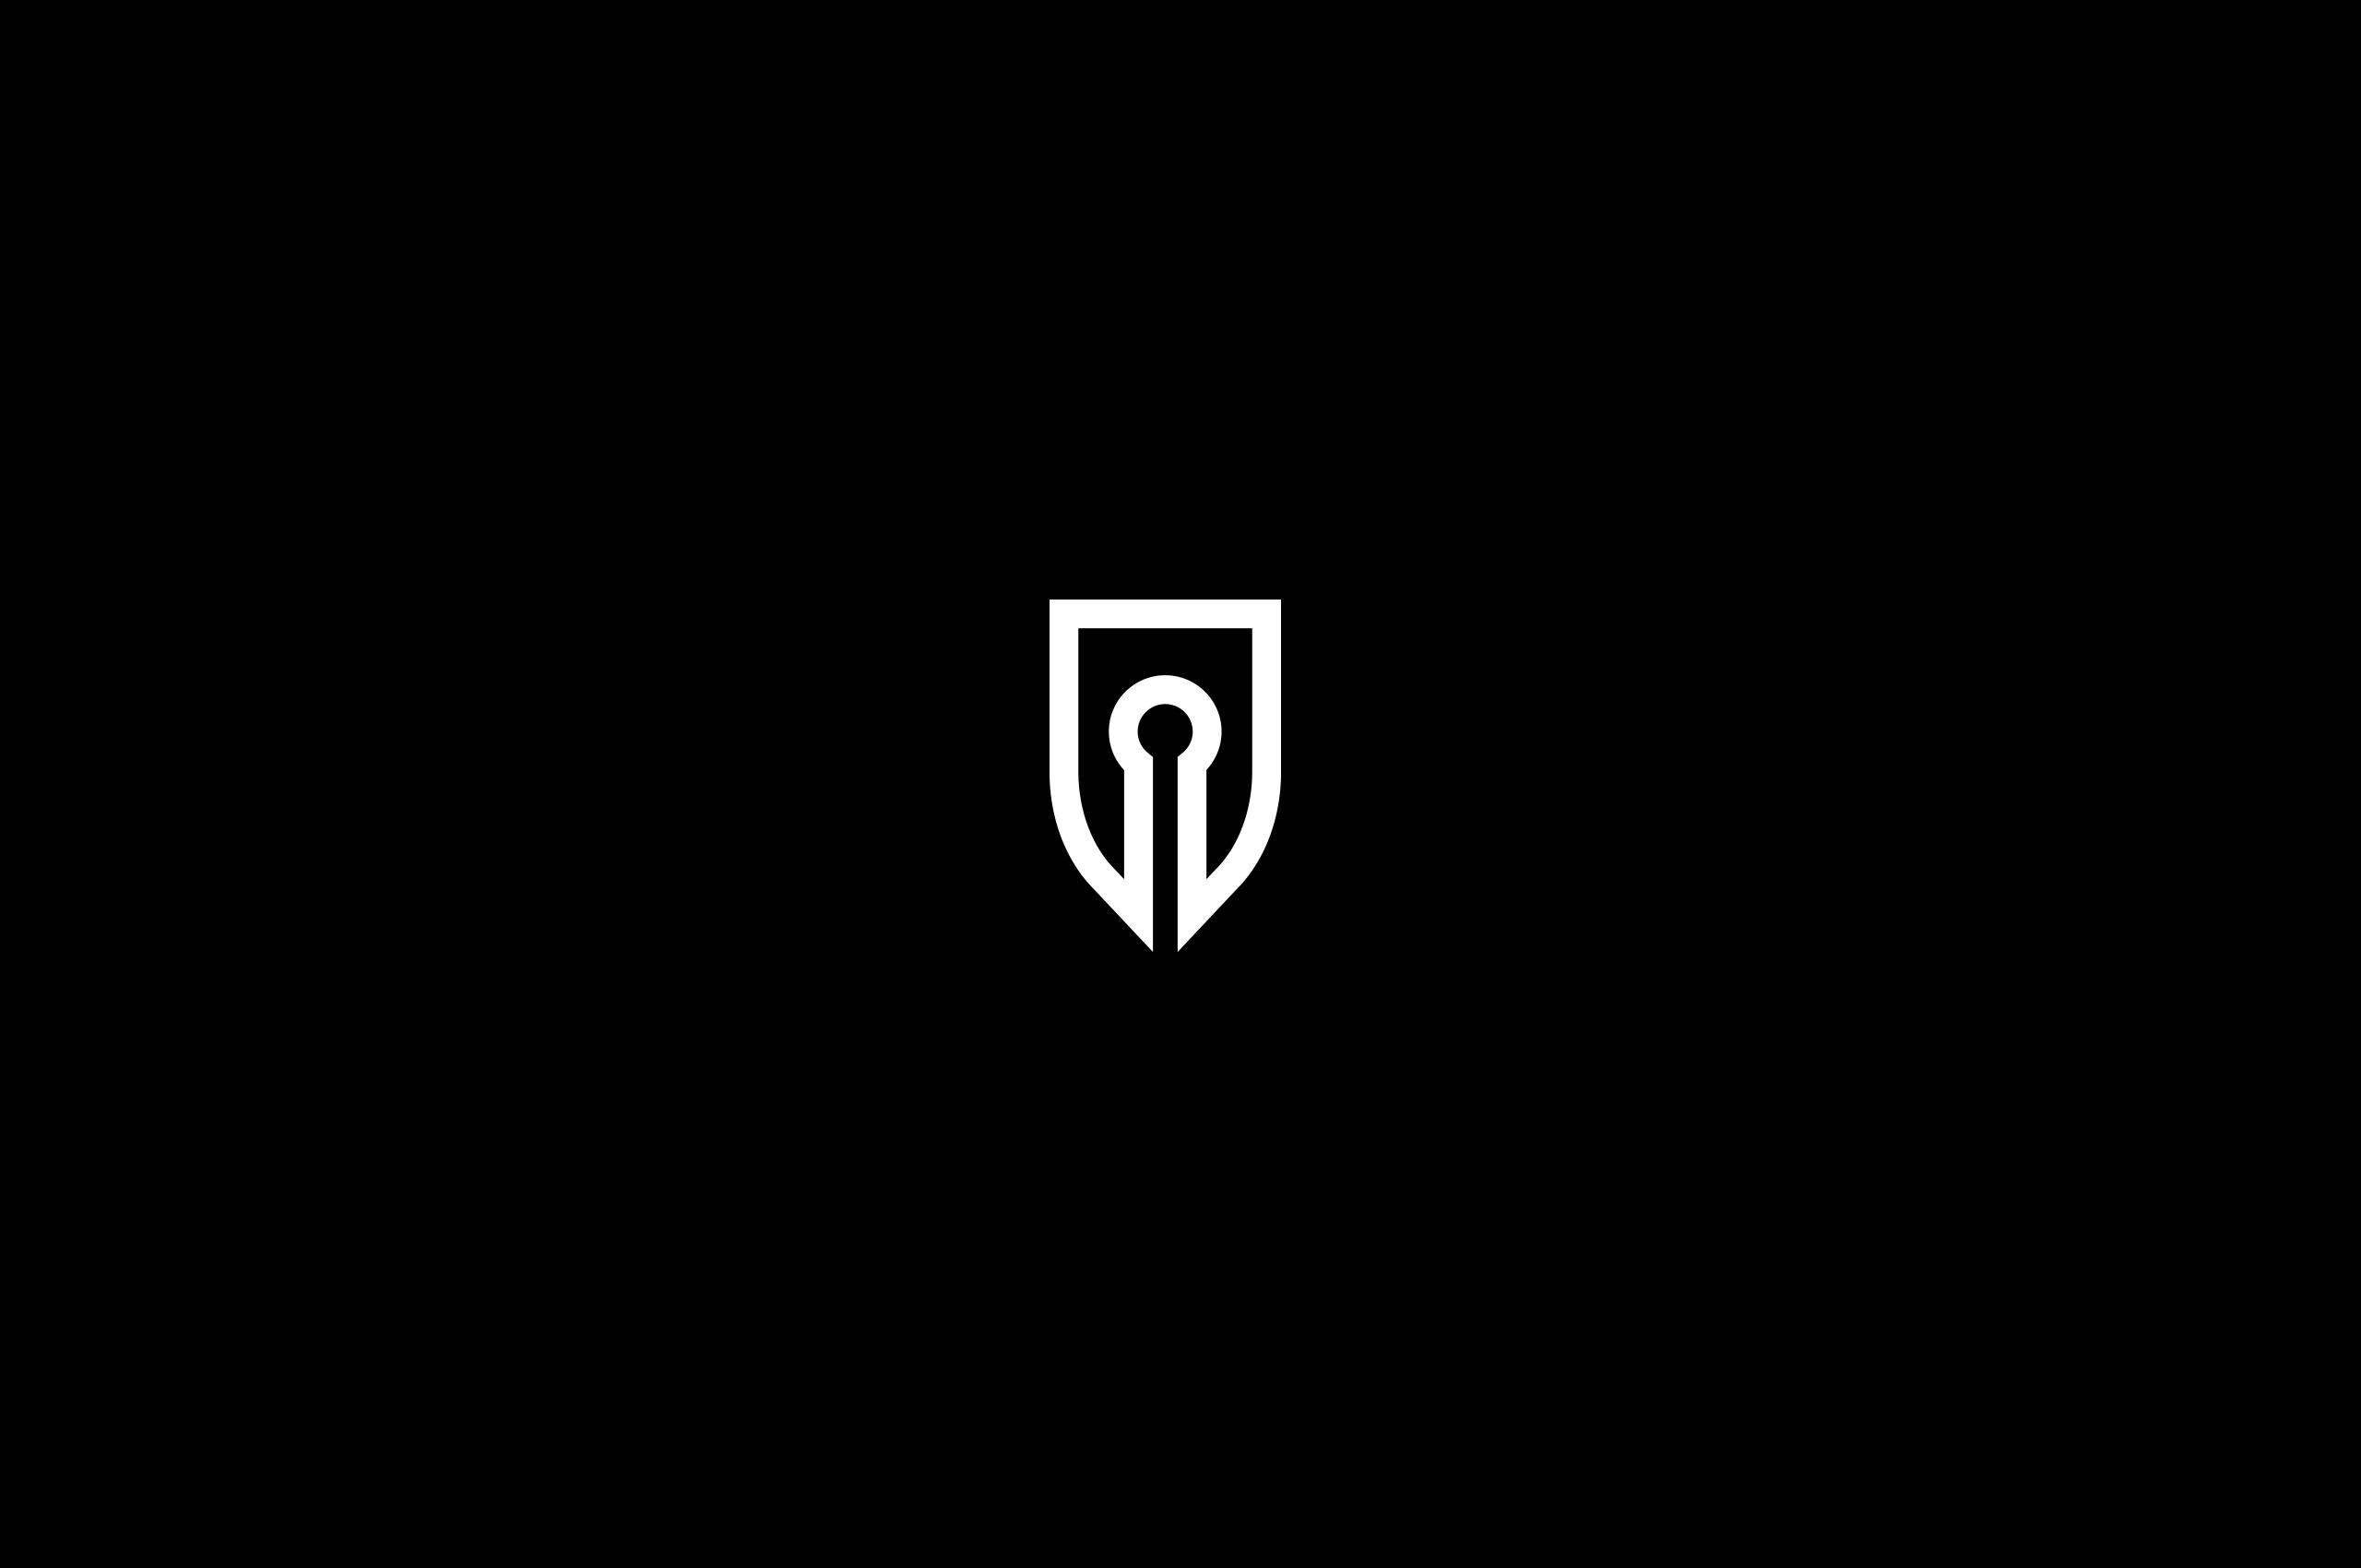 logocollection-2021-24